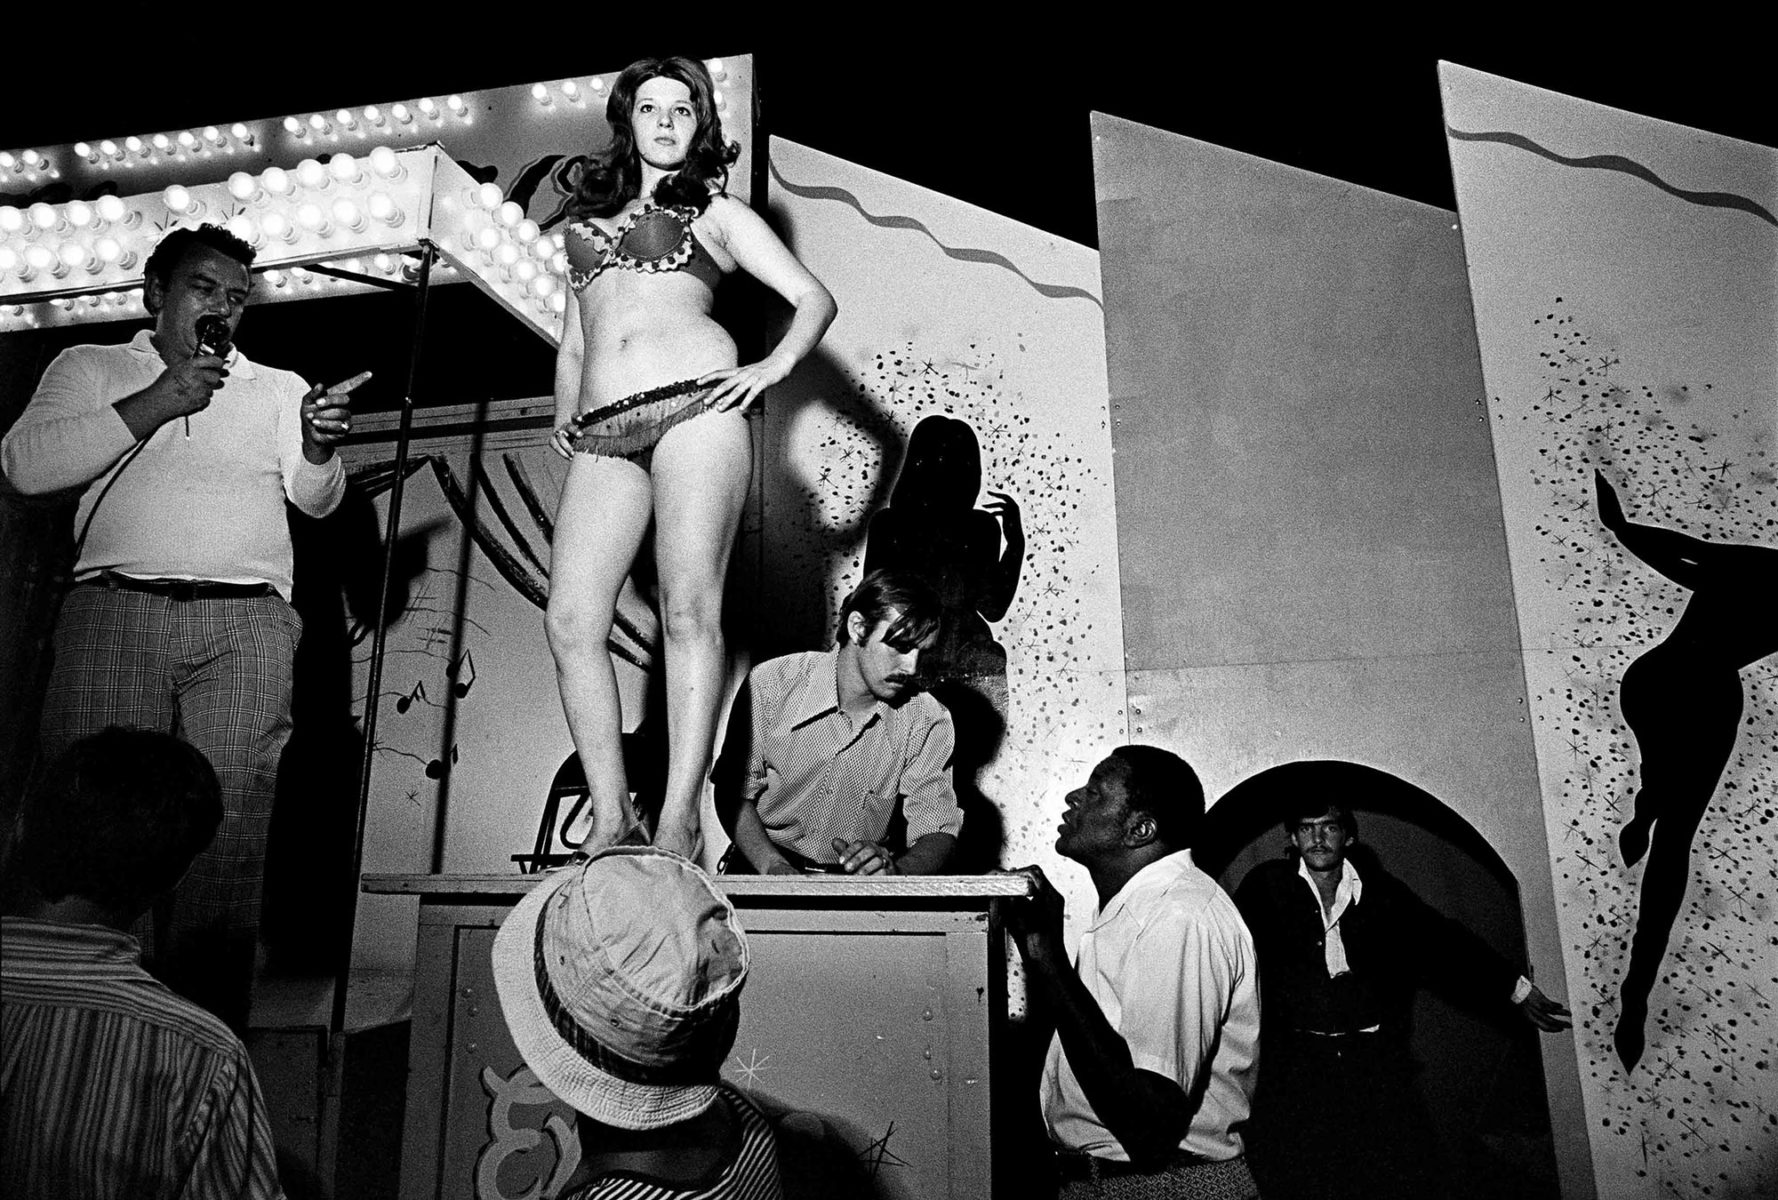 Lena on the Bally Box, Essex Junction, Vermont, USA, 1973 Fotografia in bianco e nero di Susan Meiselas